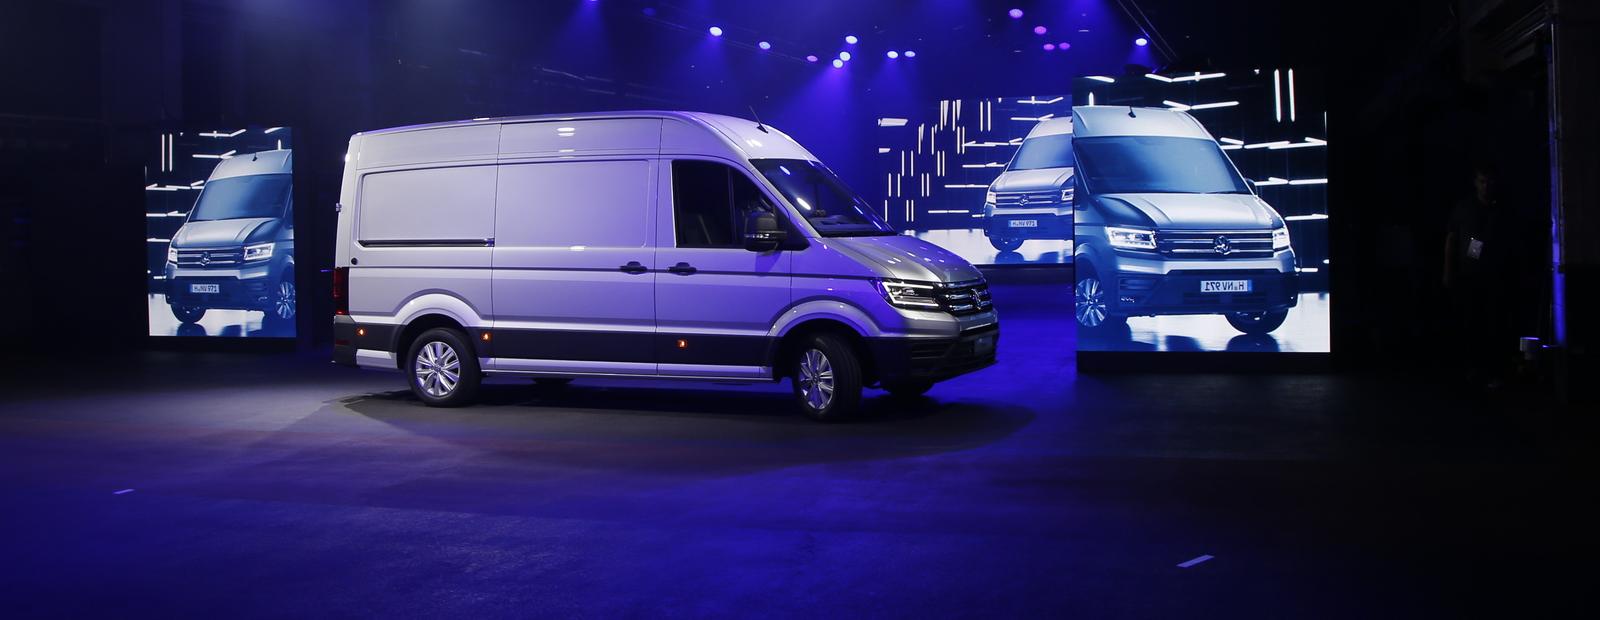 Обзор нового Volkswagen Crafter: грузите ваши коробки, господа!